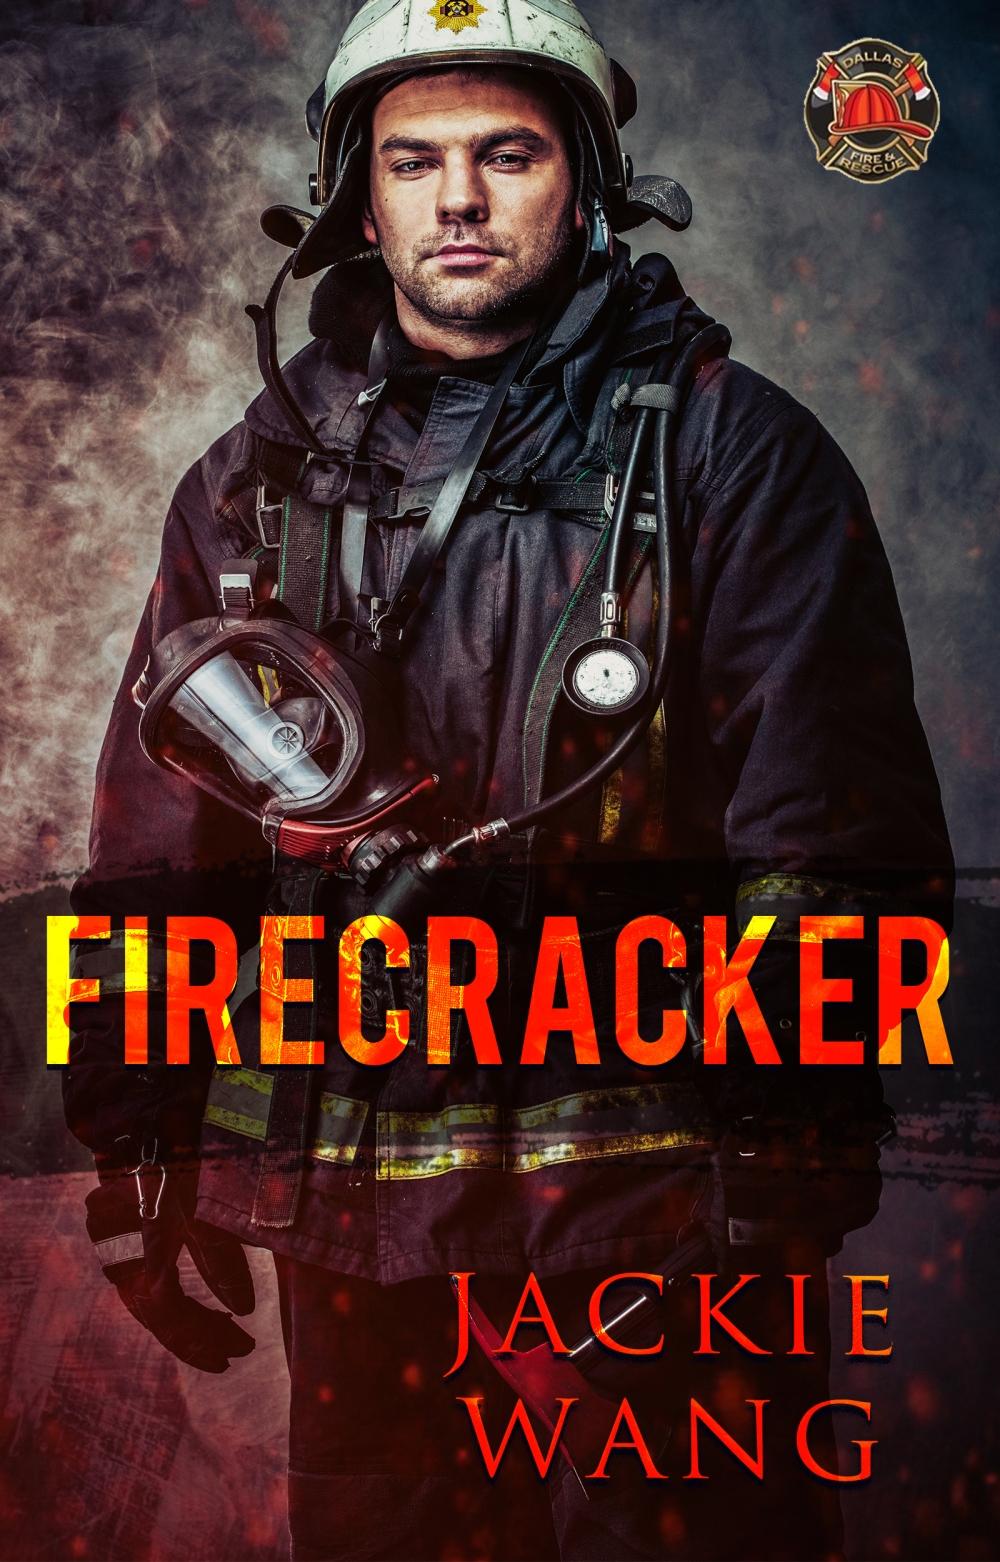 FirecrackerAugust